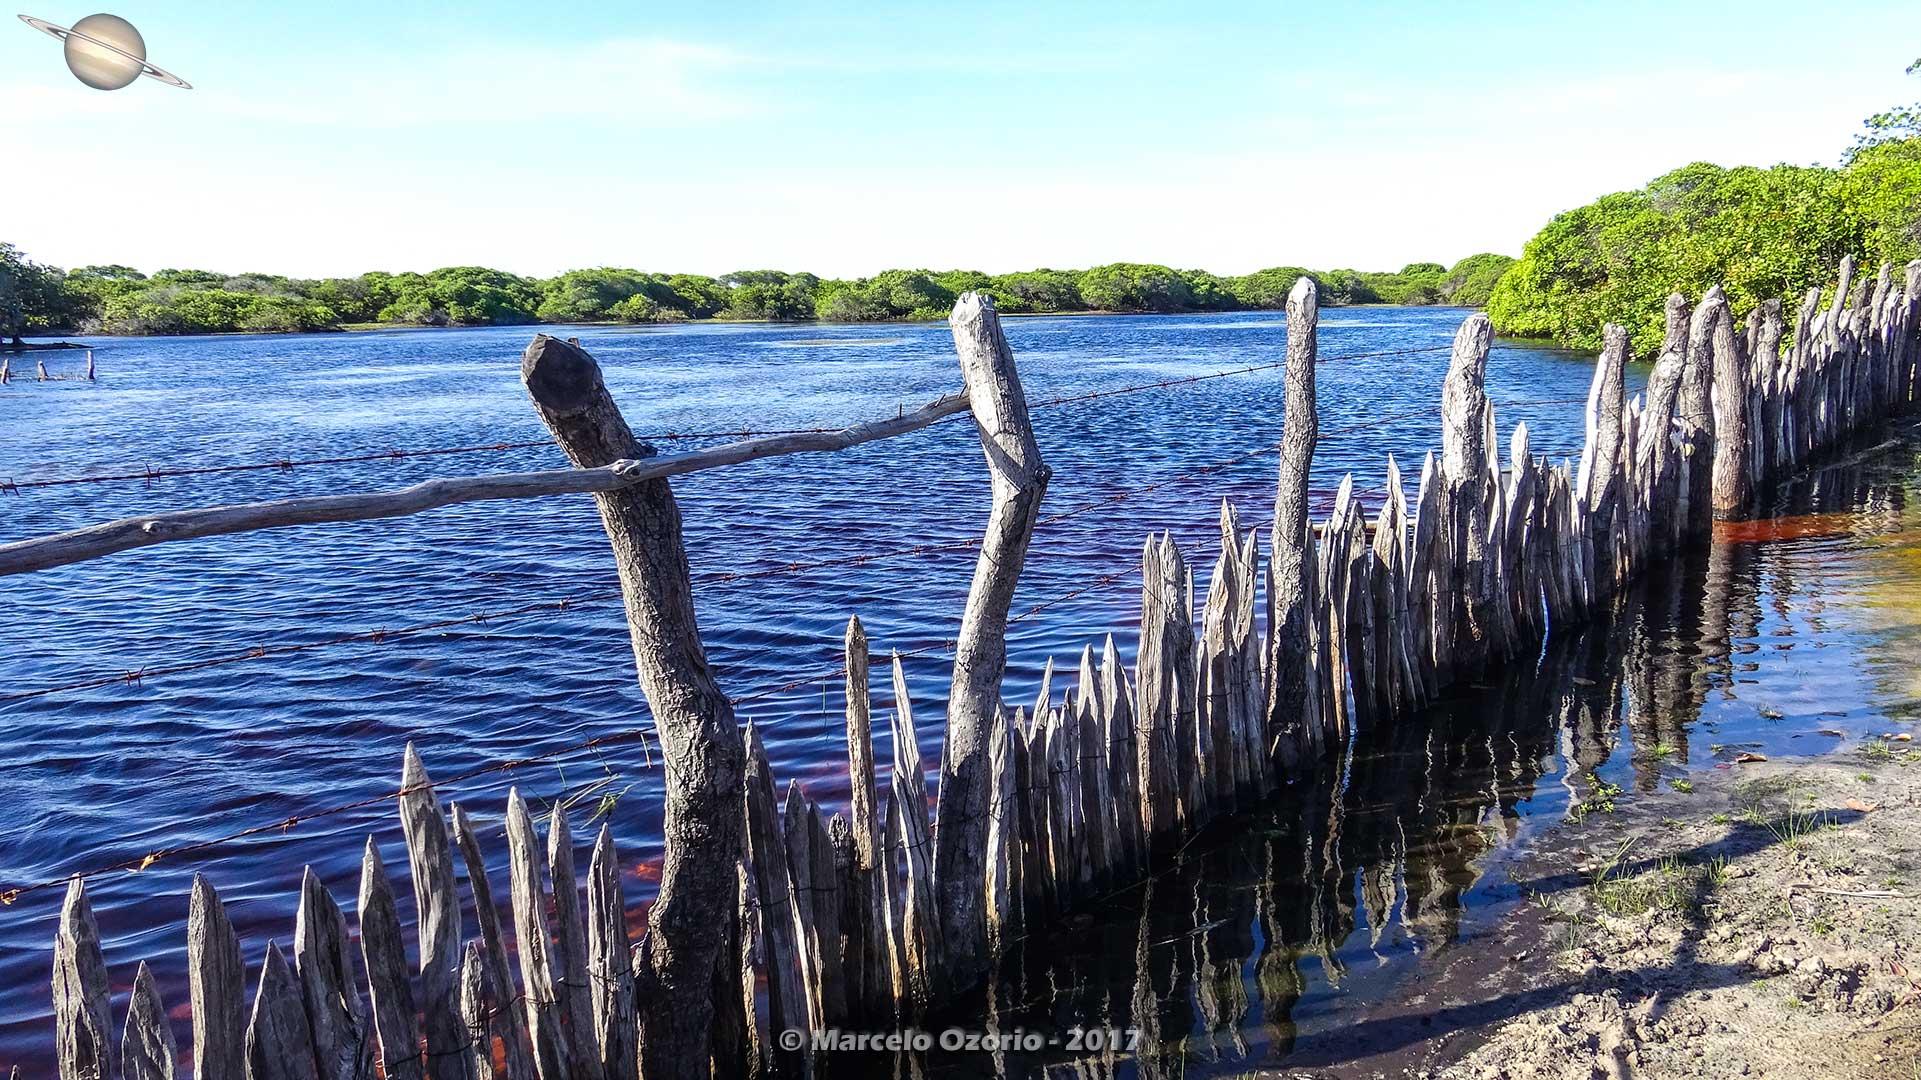 dia 3 explorando lencois maranhenses 52 - Explorando o Centro do Parque Nacional dos Lençóis Maranhenses - Brasil